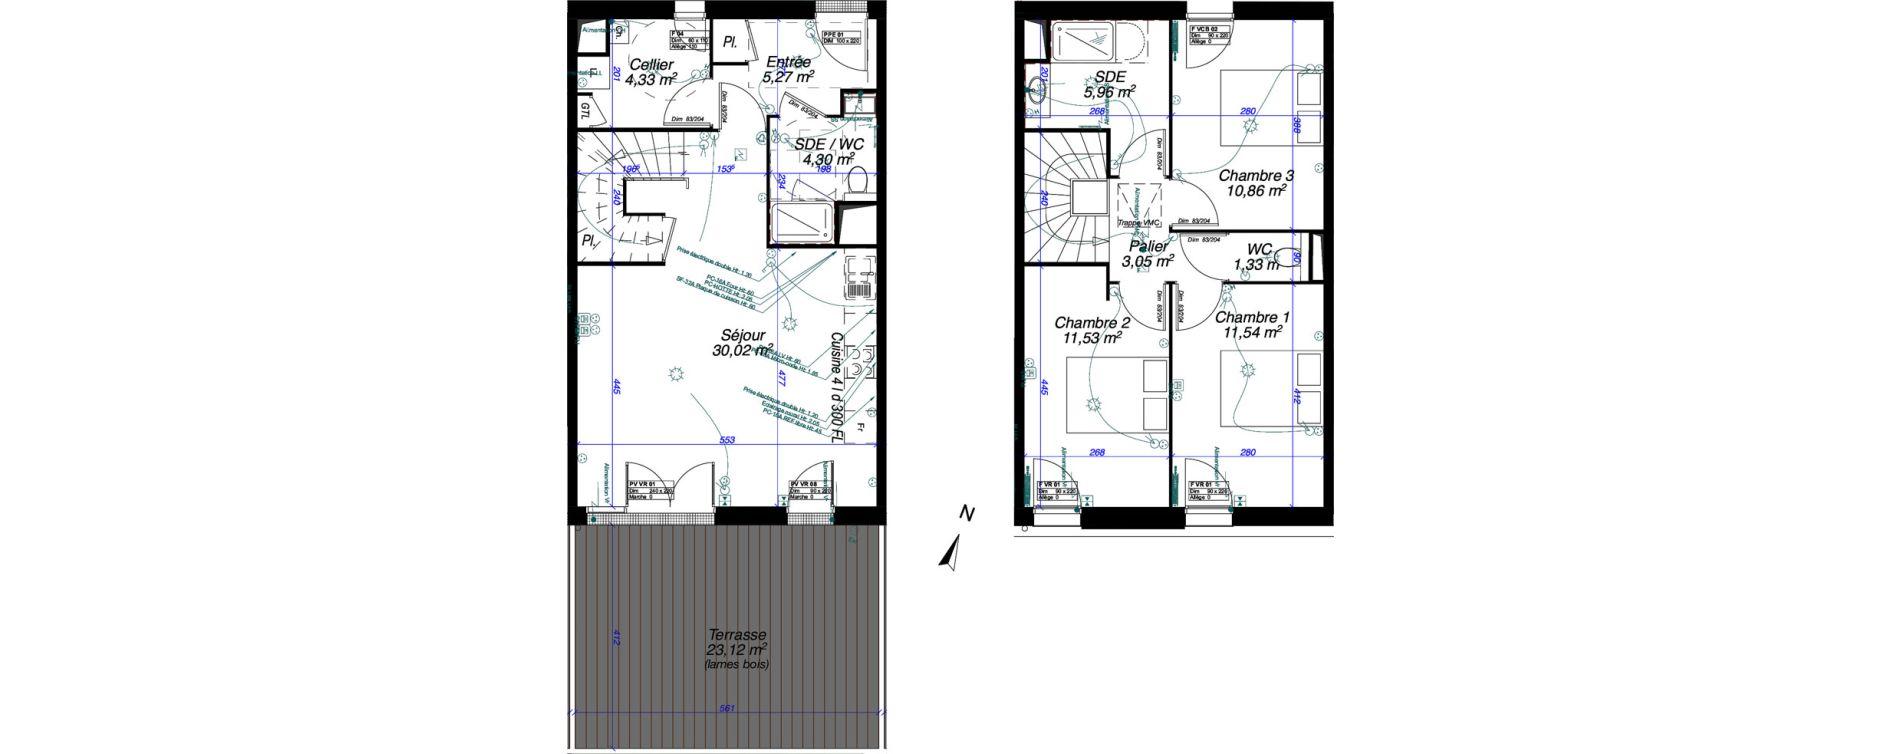 Maison T4 de 88,20 m2 à Périgny Centre